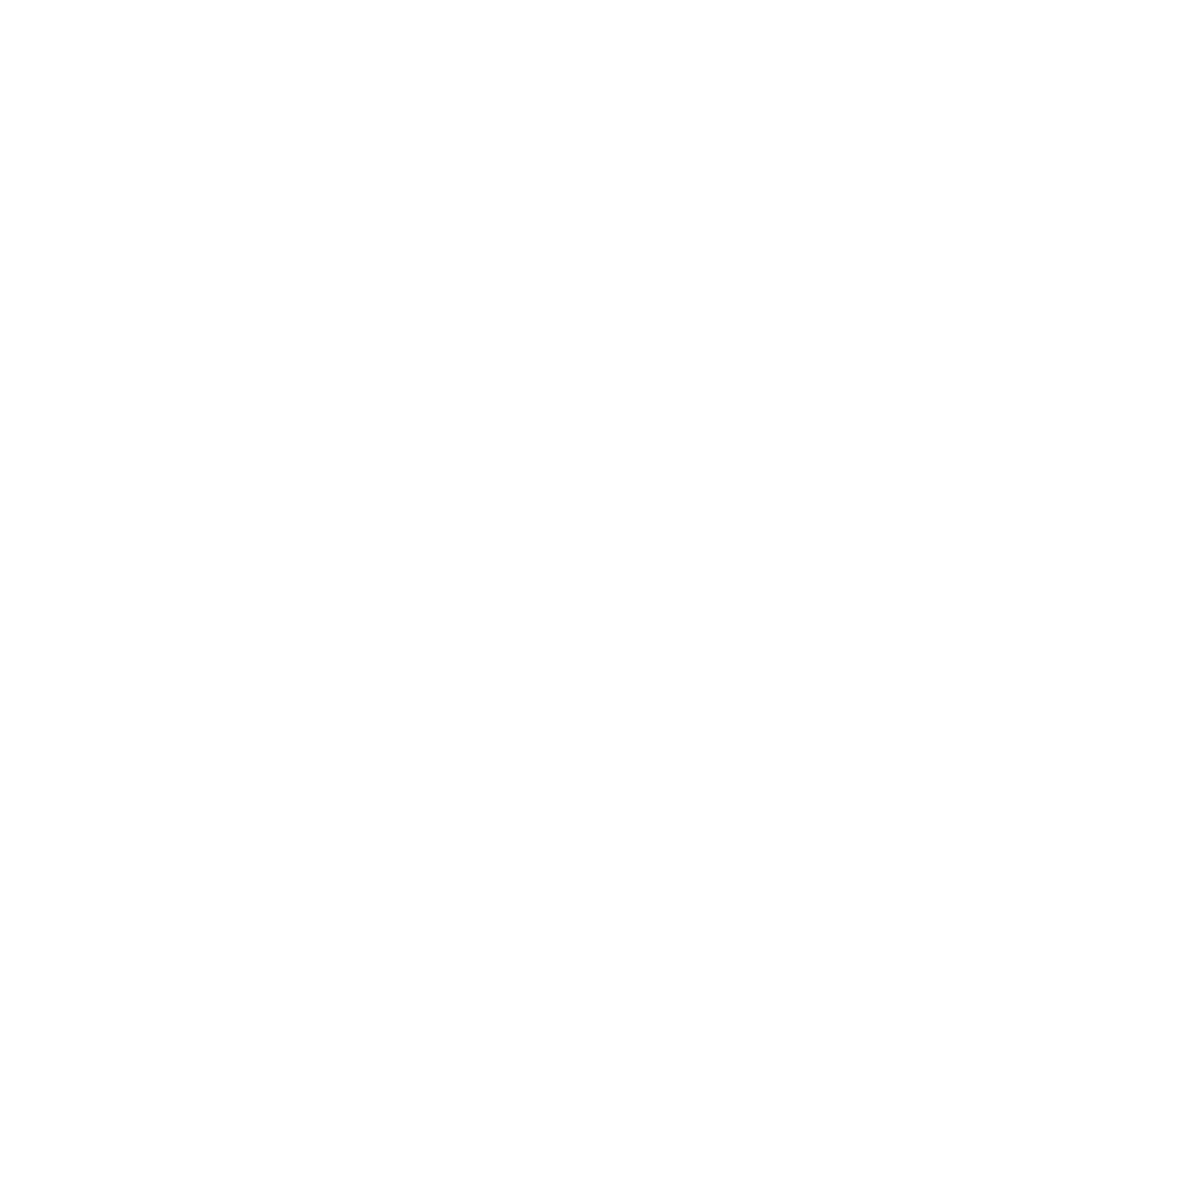 Alabama Youth Dept